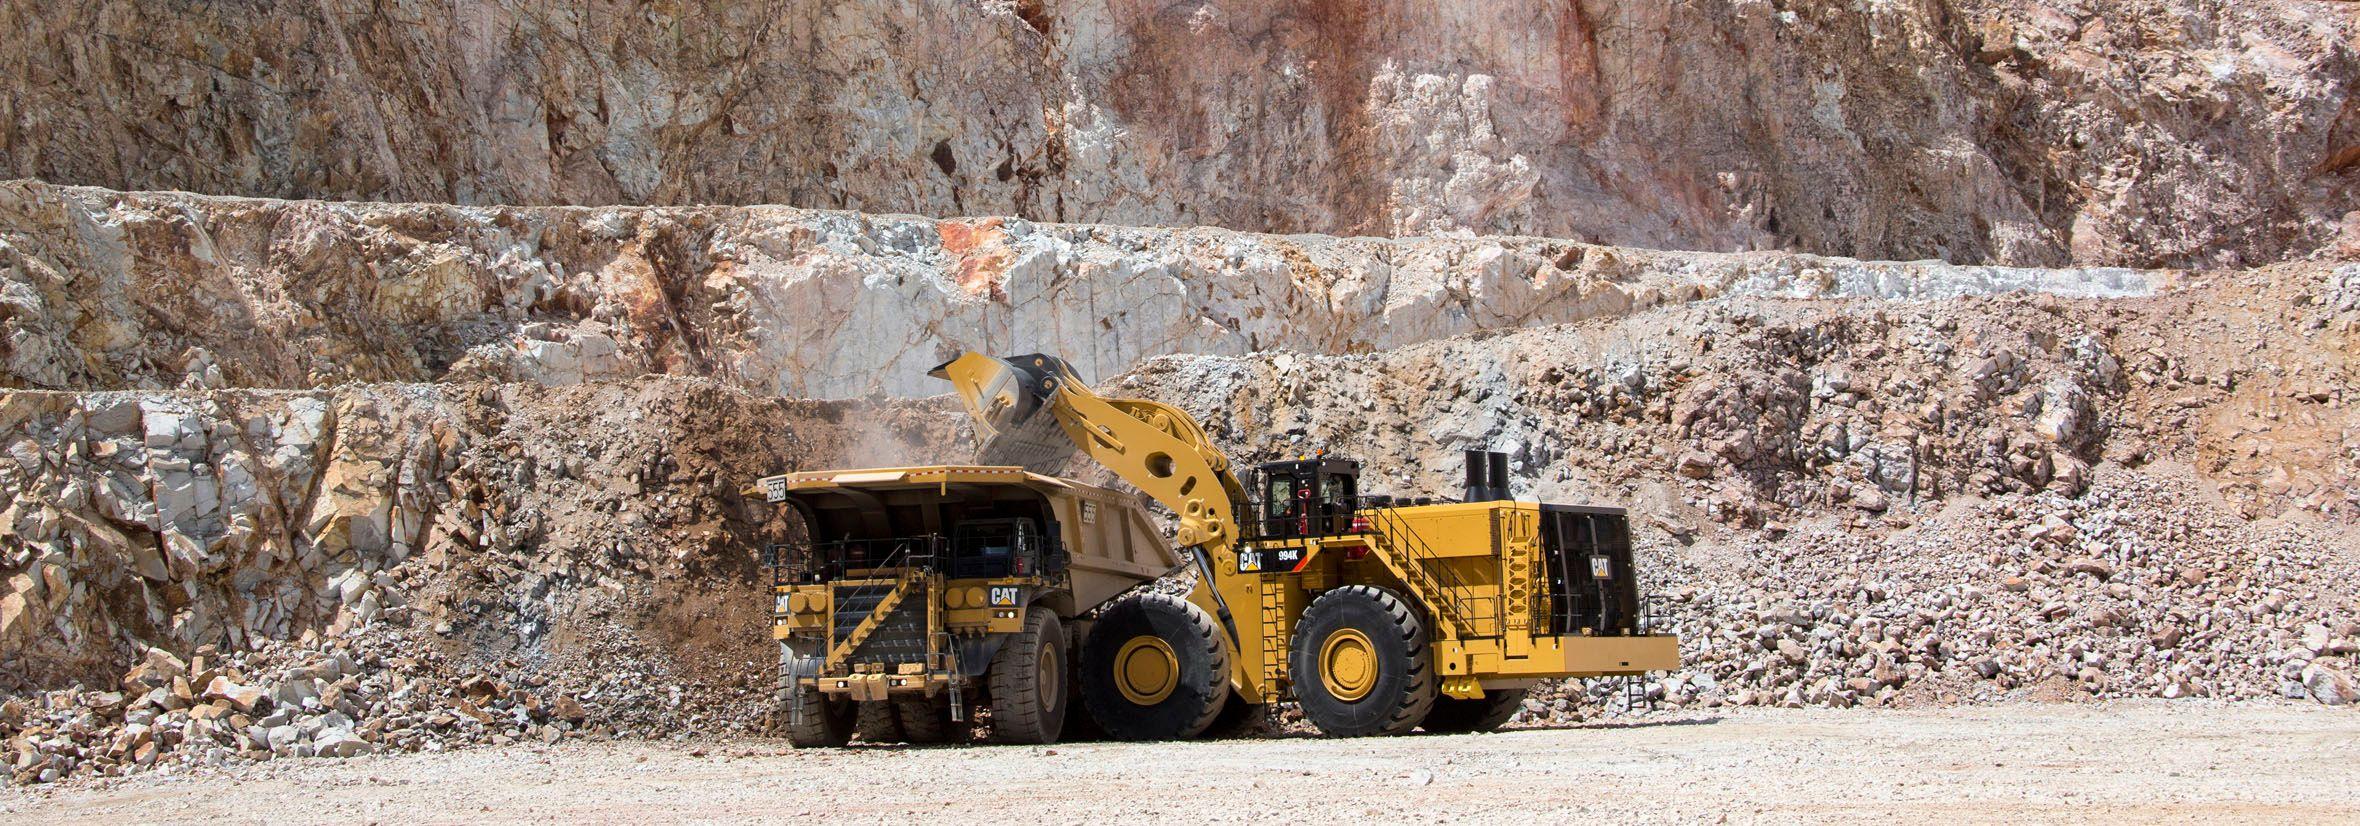 Mining Rings Rental